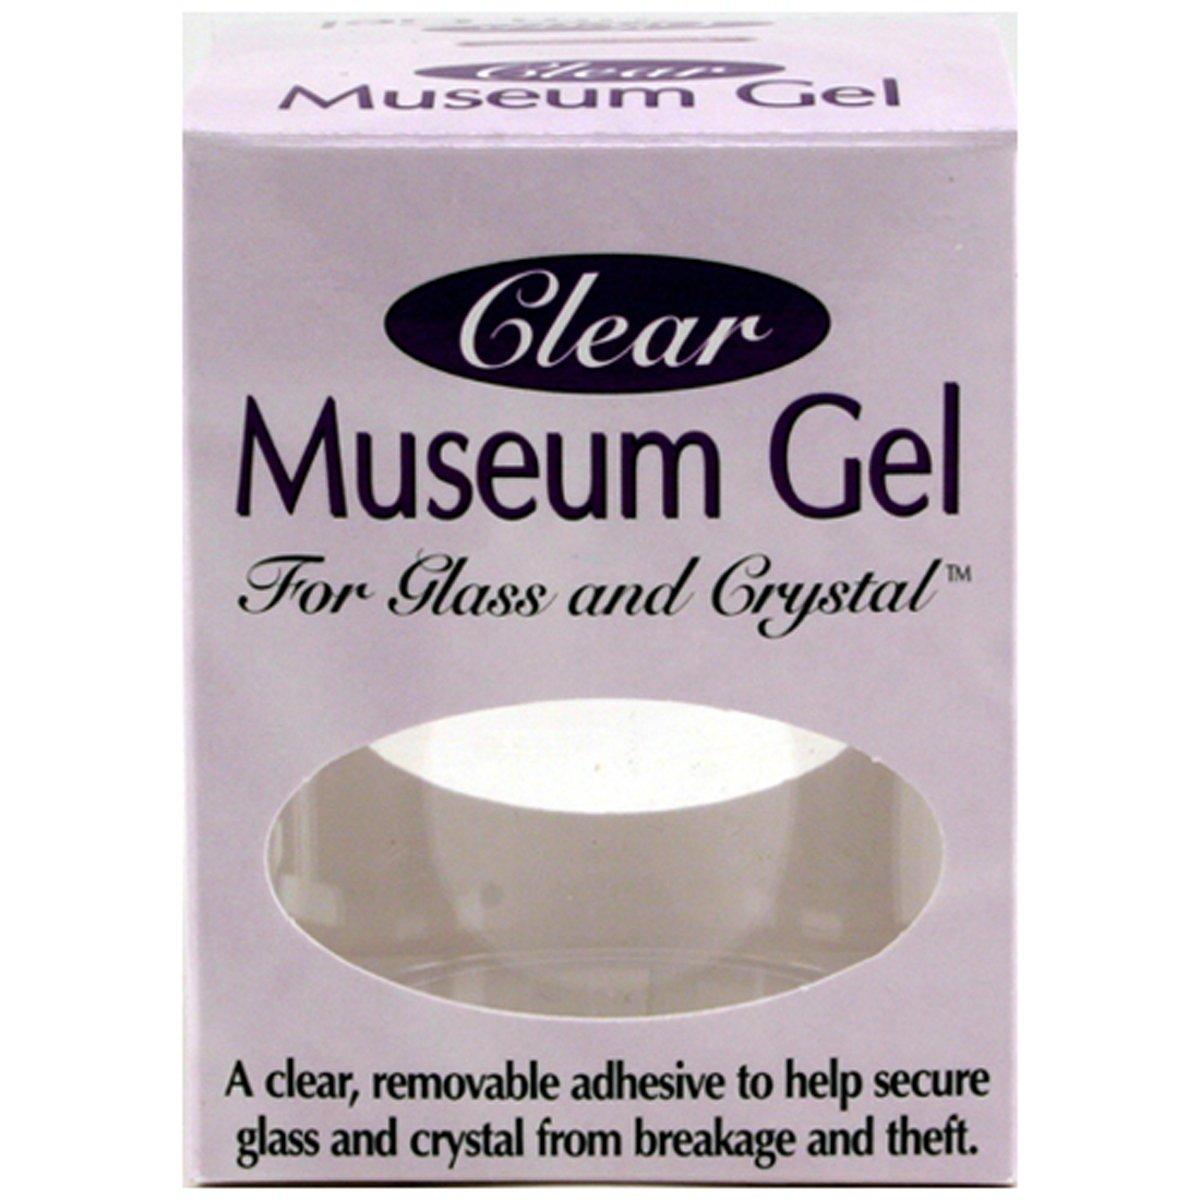 Ready America - Colla adesiva 'Gel Clear Museum', removibile, per fissare bicchieri, cristalleria e altri oggetti delicati su una superficie, ideale per oggetti da esposizione, 110 ml ElectricalCentre 33111